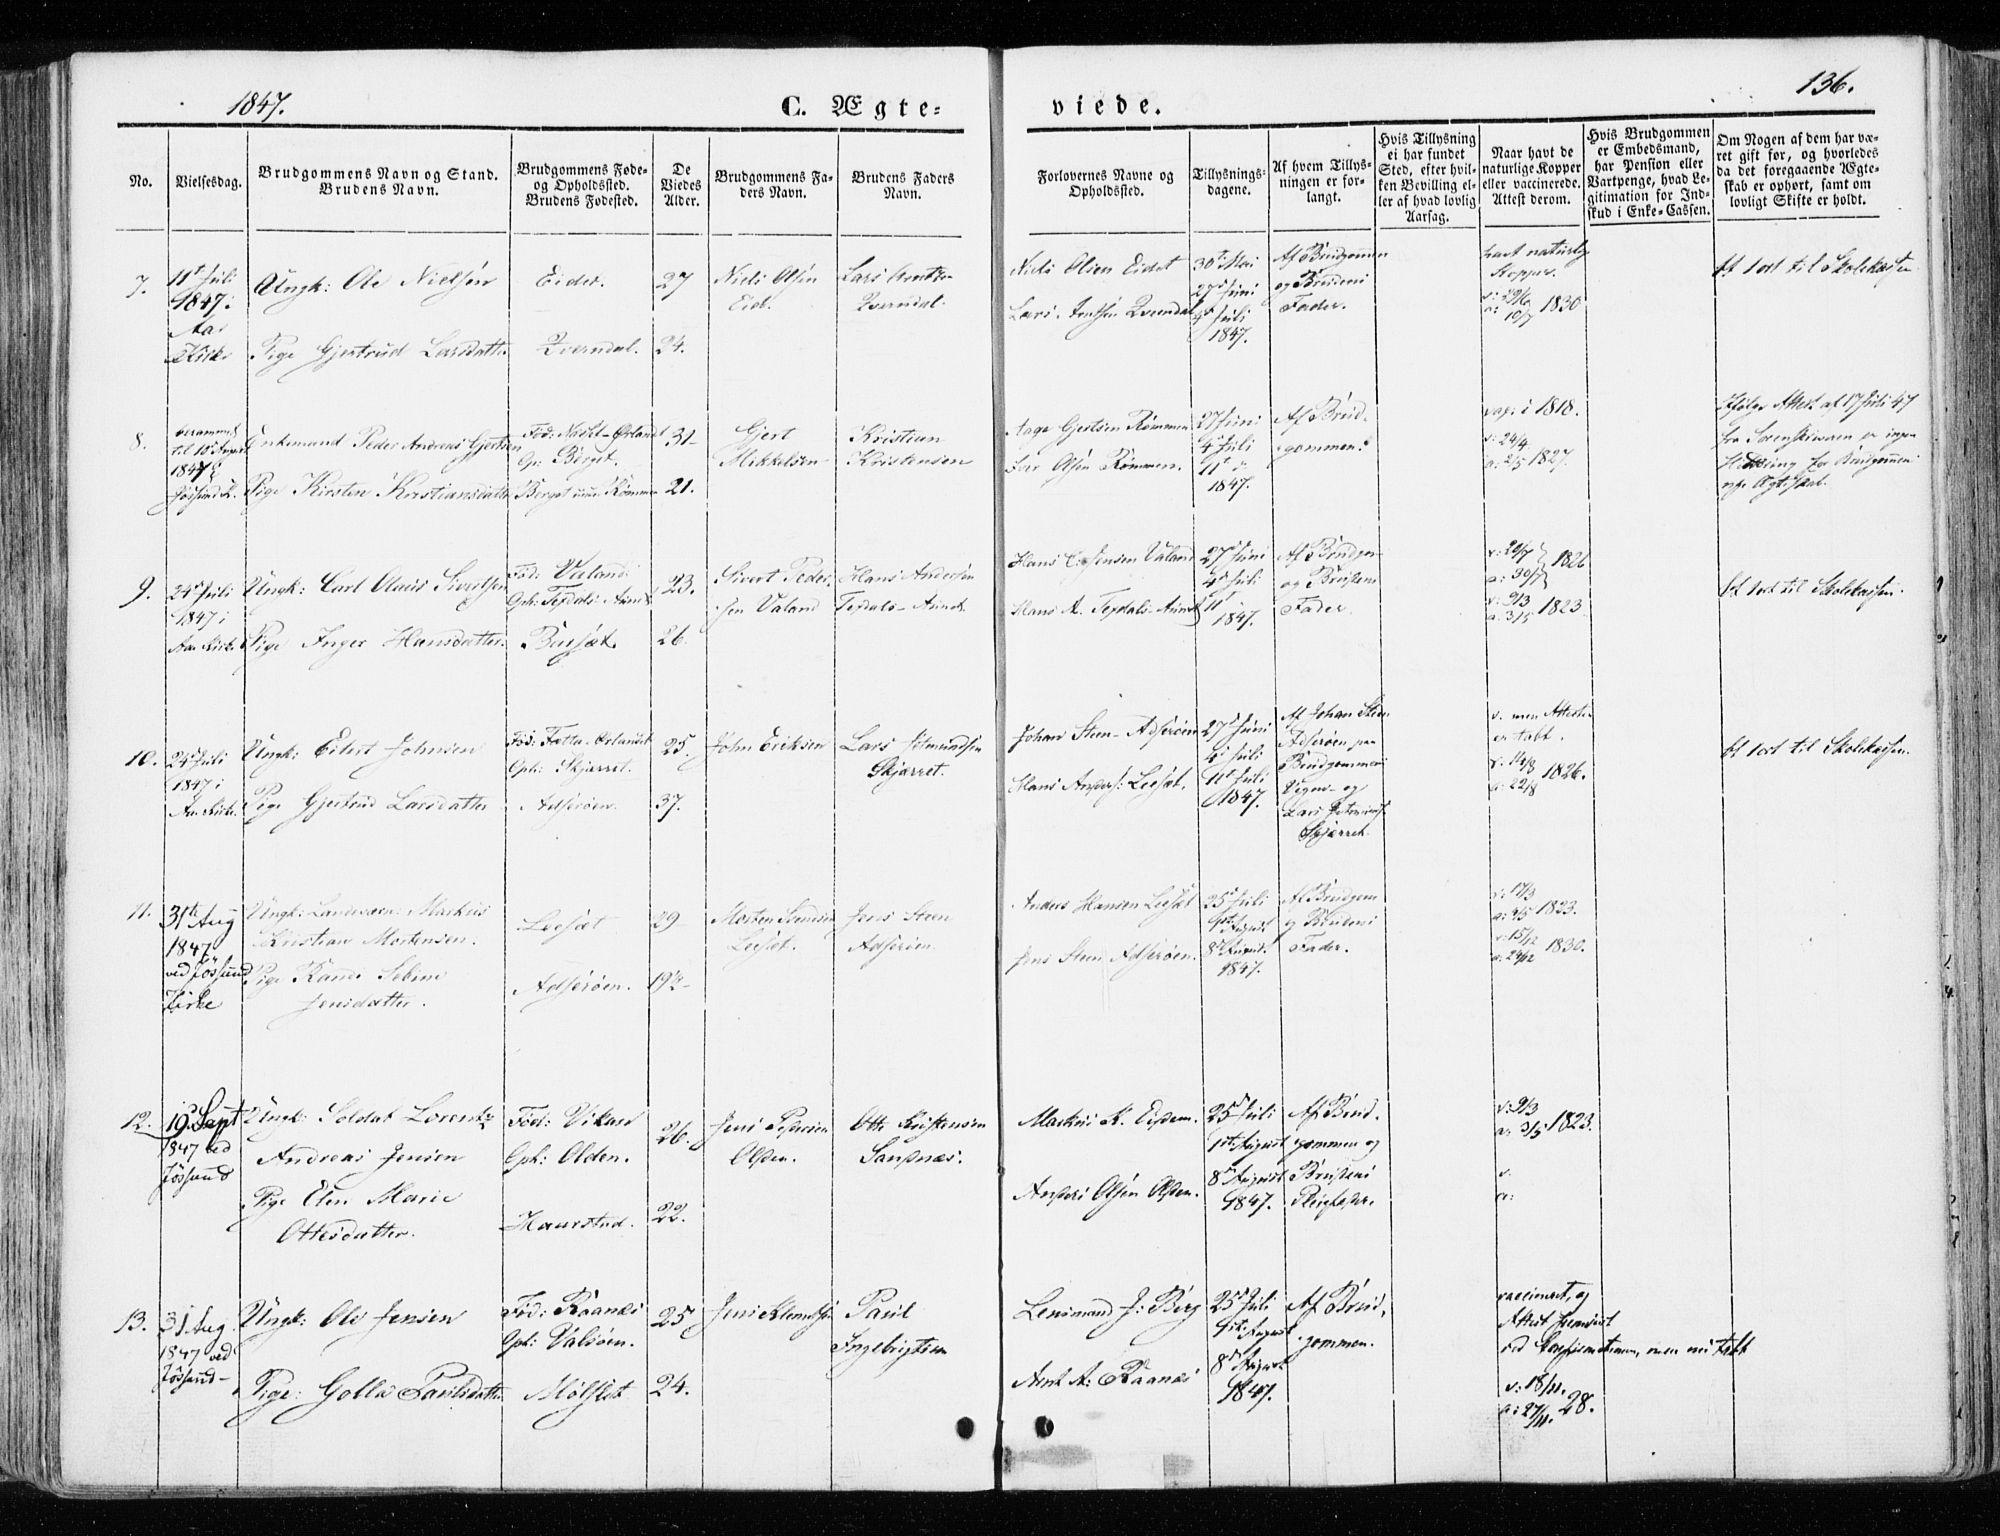 SAT, Ministerialprotokoller, klokkerbøker og fødselsregistre - Sør-Trøndelag, 655/L0677: Ministerialbok nr. 655A06, 1847-1860, s. 136